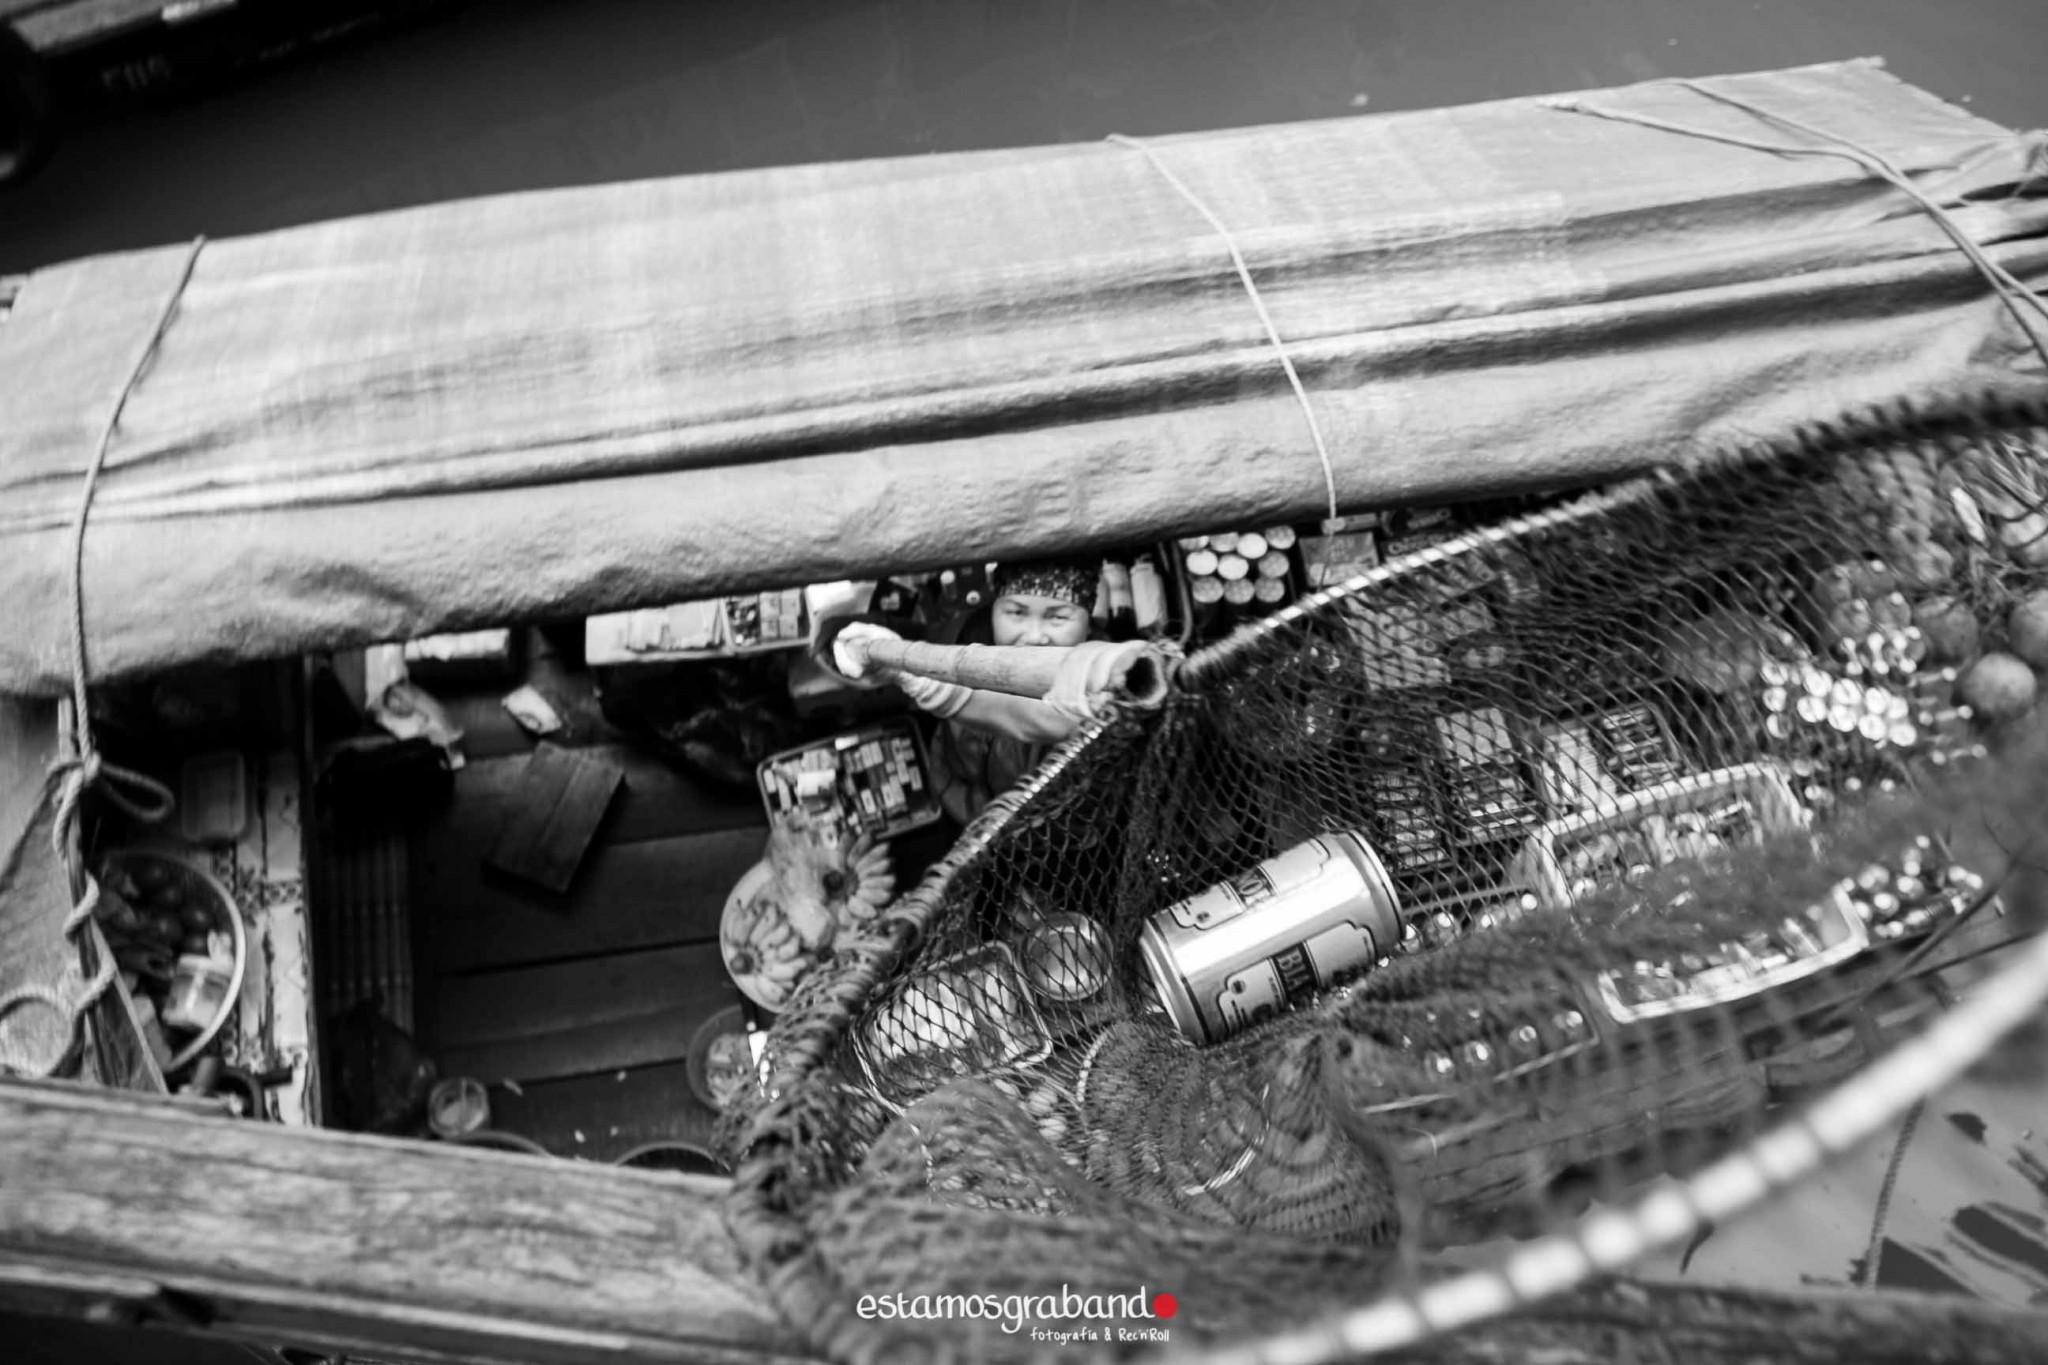 reportaje-vietnam_fotograficc81a-vietnam_estamosgrabando-vietnam_rutasvietnam_reportaje-retratos-fotos-vietnam_fotografia-vietnam_reportaje-estamosgrabando-fotograficc81a-vietnam-62 Pequeños grandes recuerdos de Vietnam en 100 imágenes - video boda cadiz